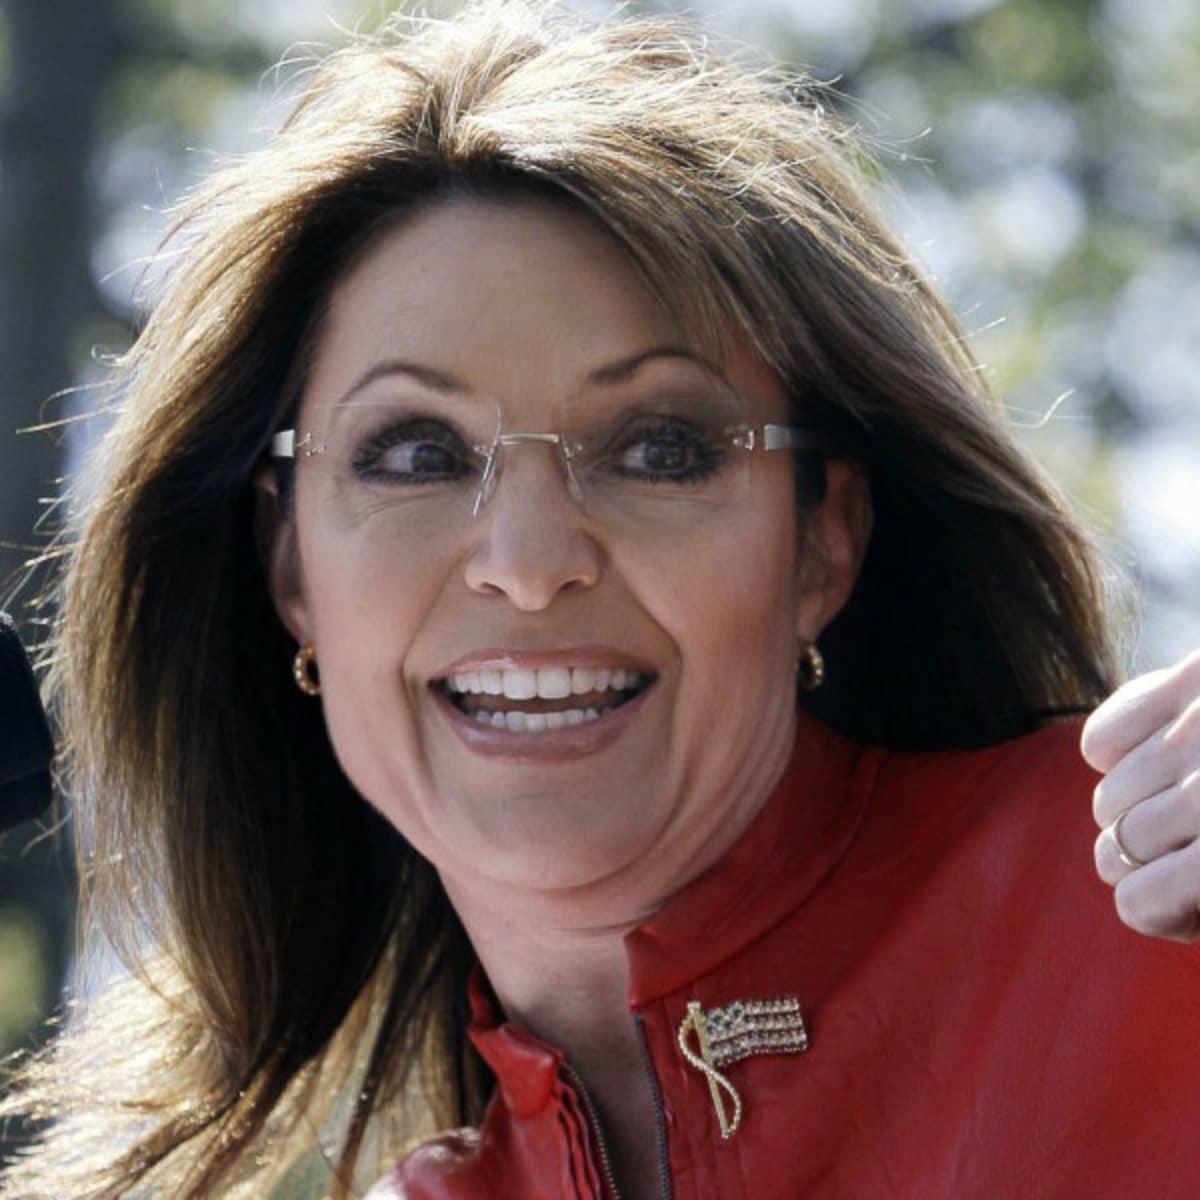 News_Sarah Palin_thumbs up_smiling